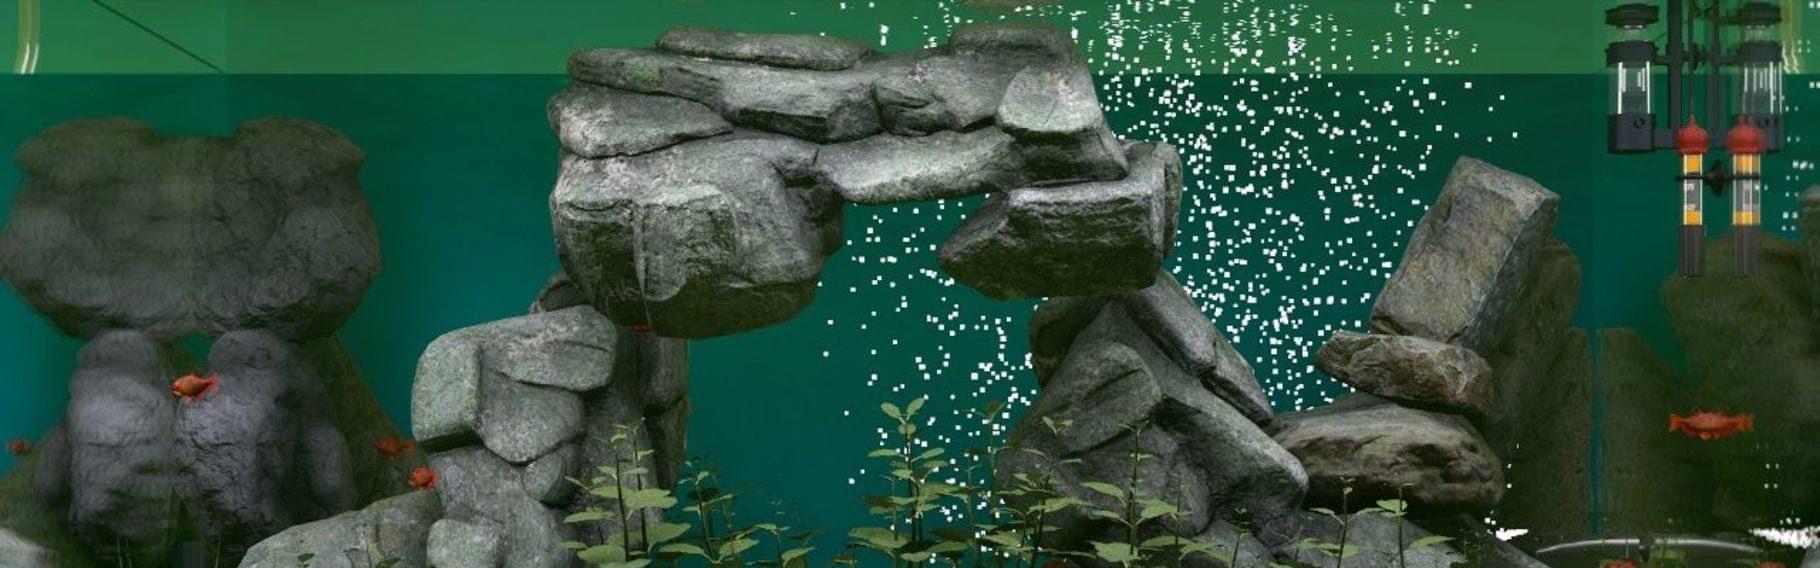 Biotope: Aquarium Simulator Steam Key GLOBAL